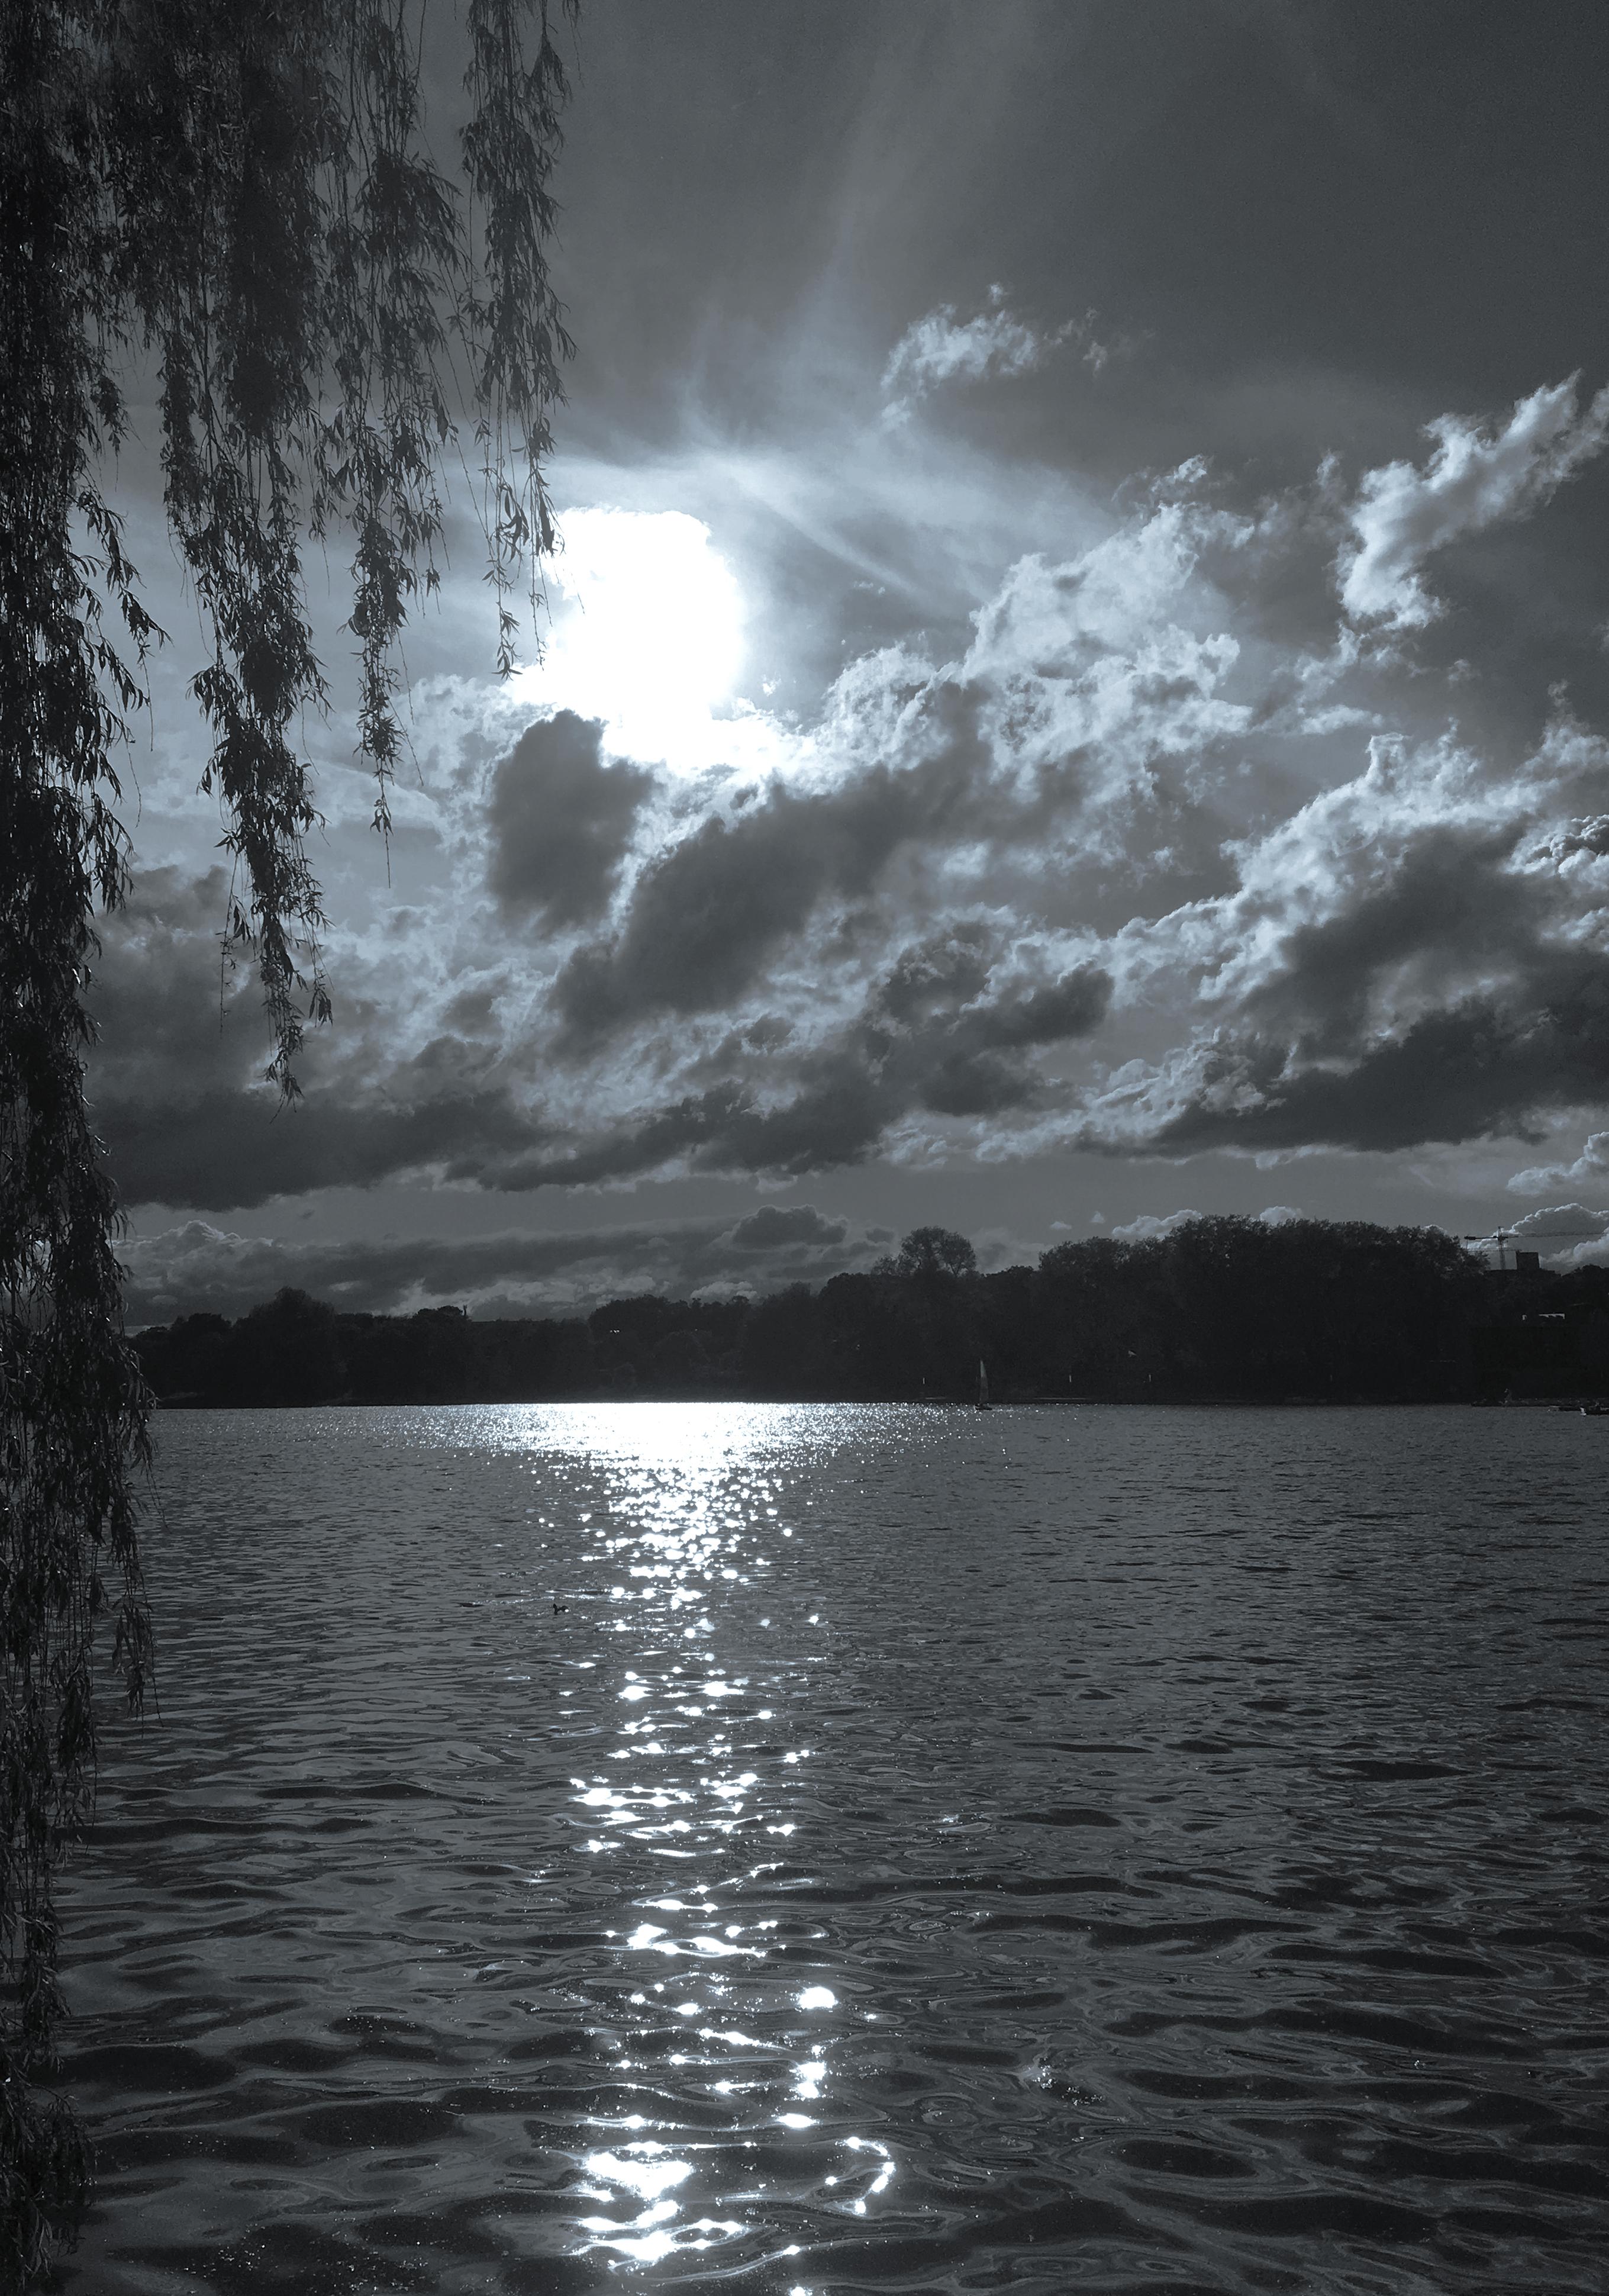 Monochrome Lake (c) OJZ 2018